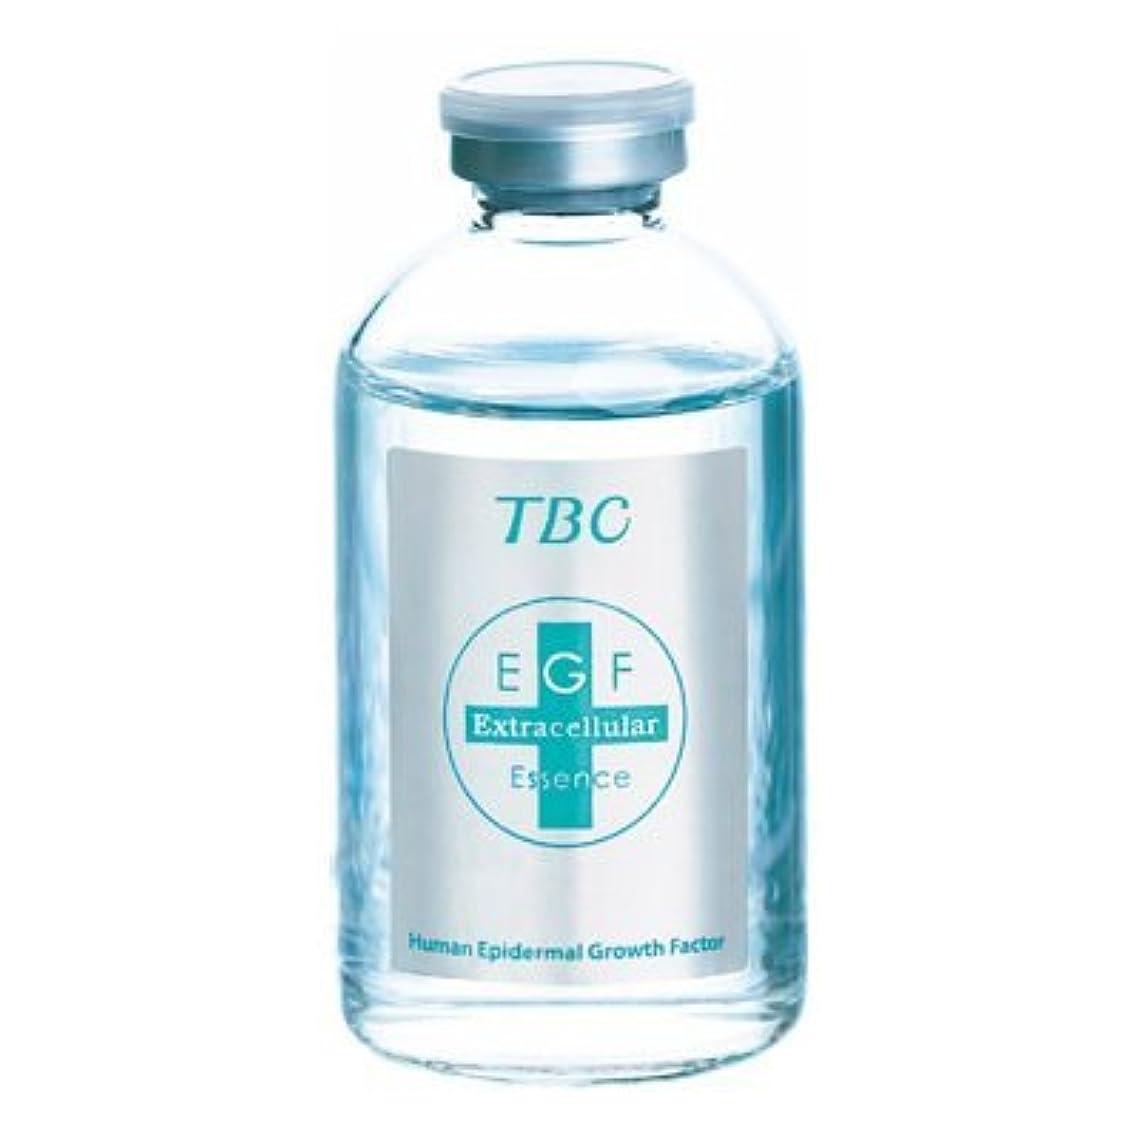 炭水化物アクセント横にTBC EGF エクストラエッセンス 60ml [並行輸入品]